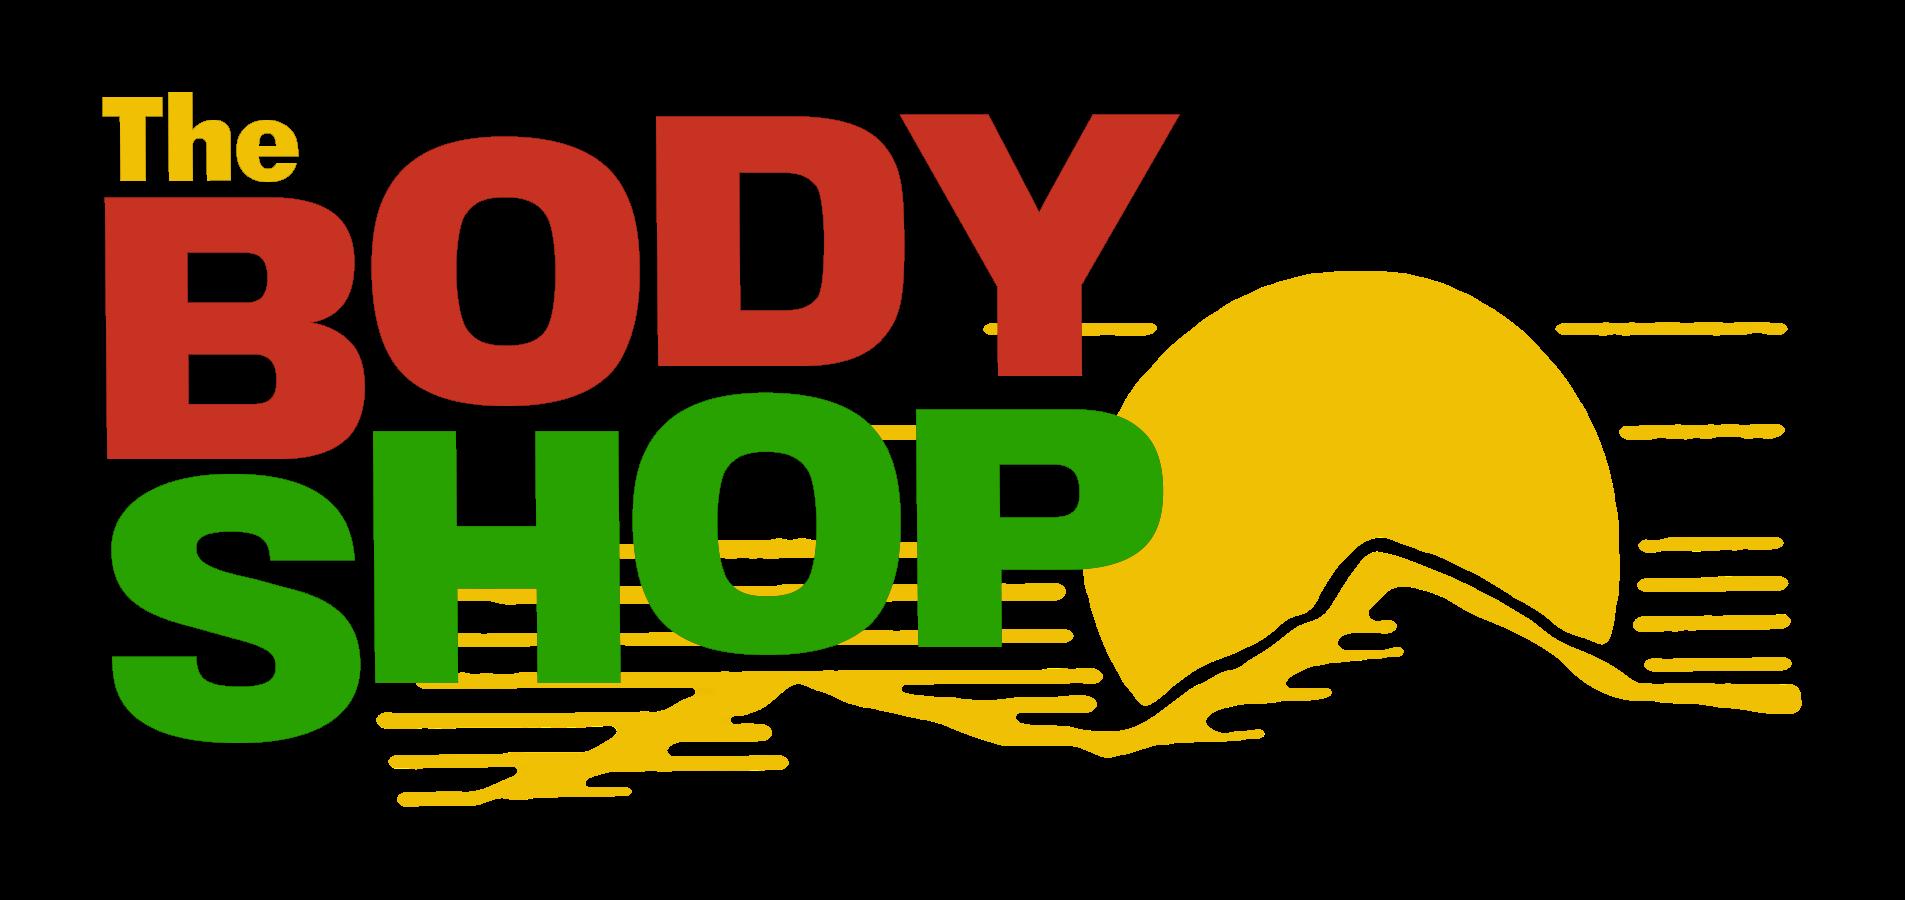 The body shop logo clipart